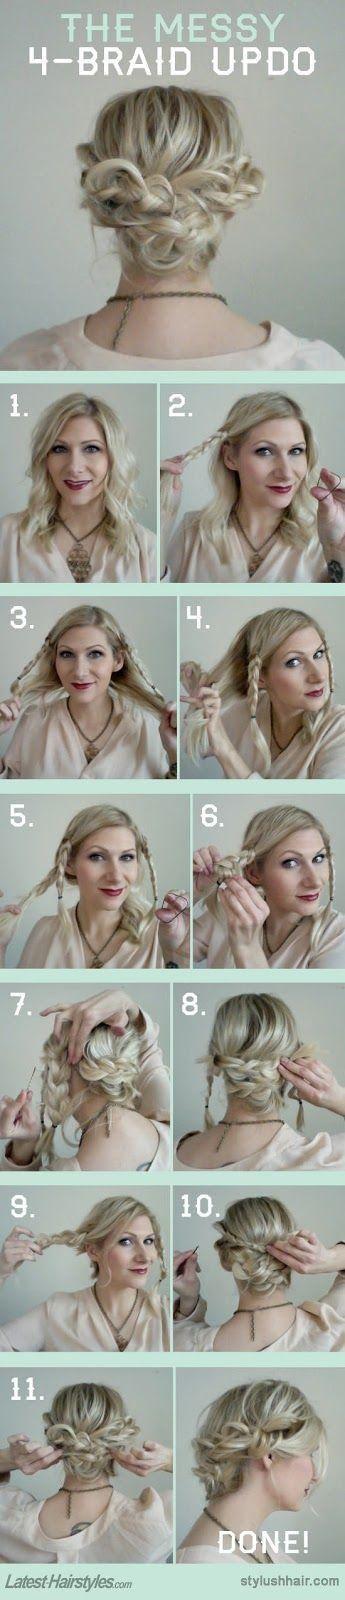 10 propozycji na cudowne fryzury